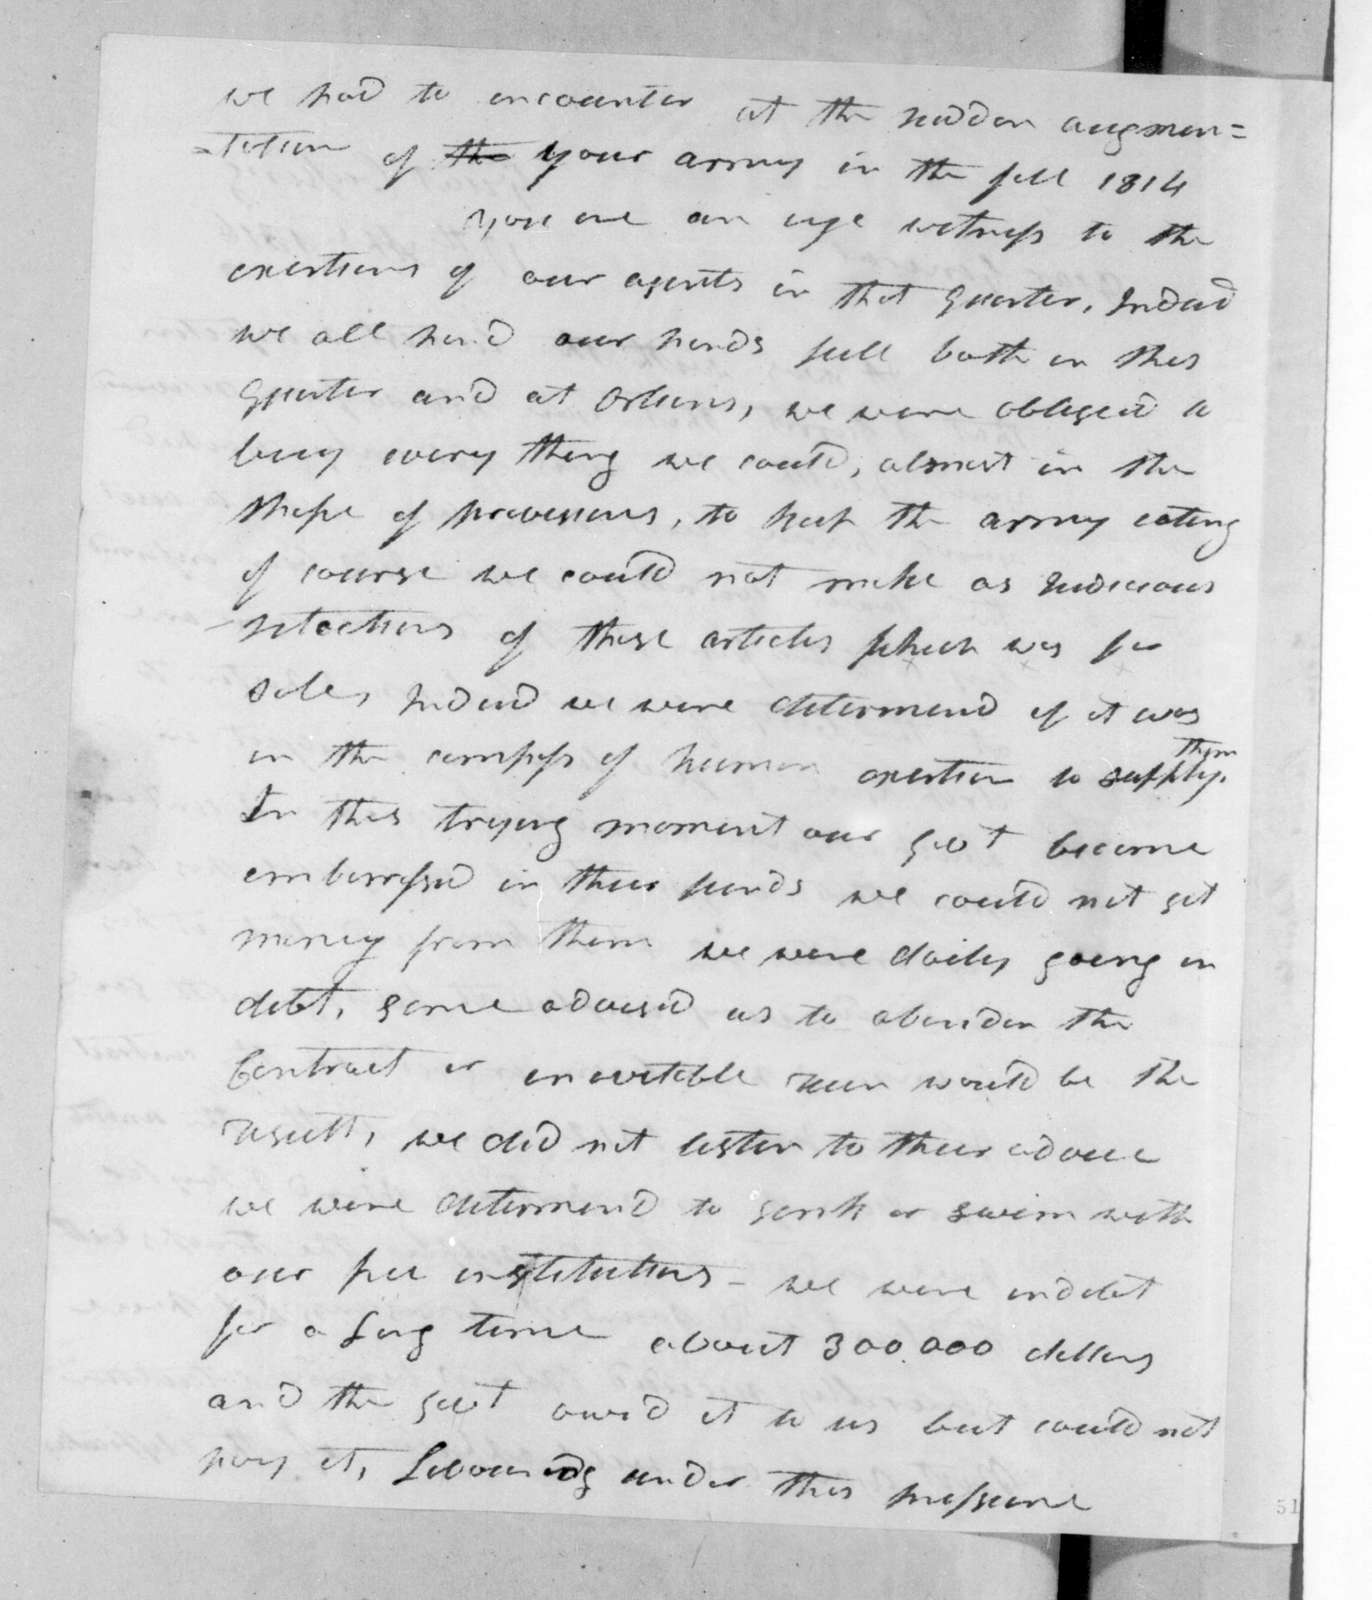 James Johnson to Andrew Jackson, April 17, 1816